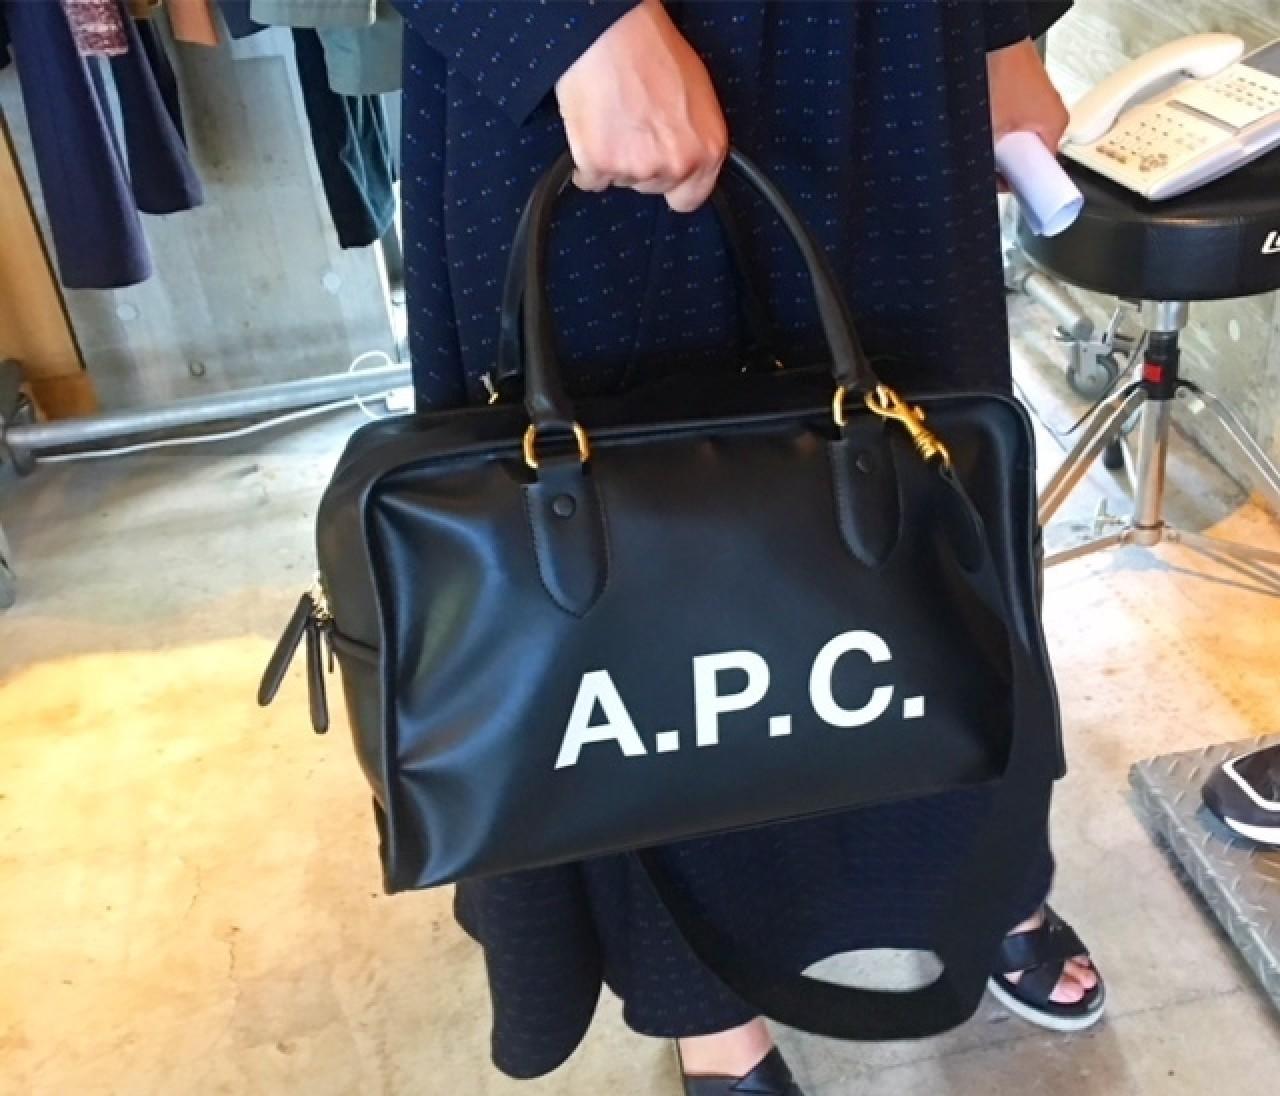 A.P.Cのレザーバッグや小物はデザインも値段も超優秀!